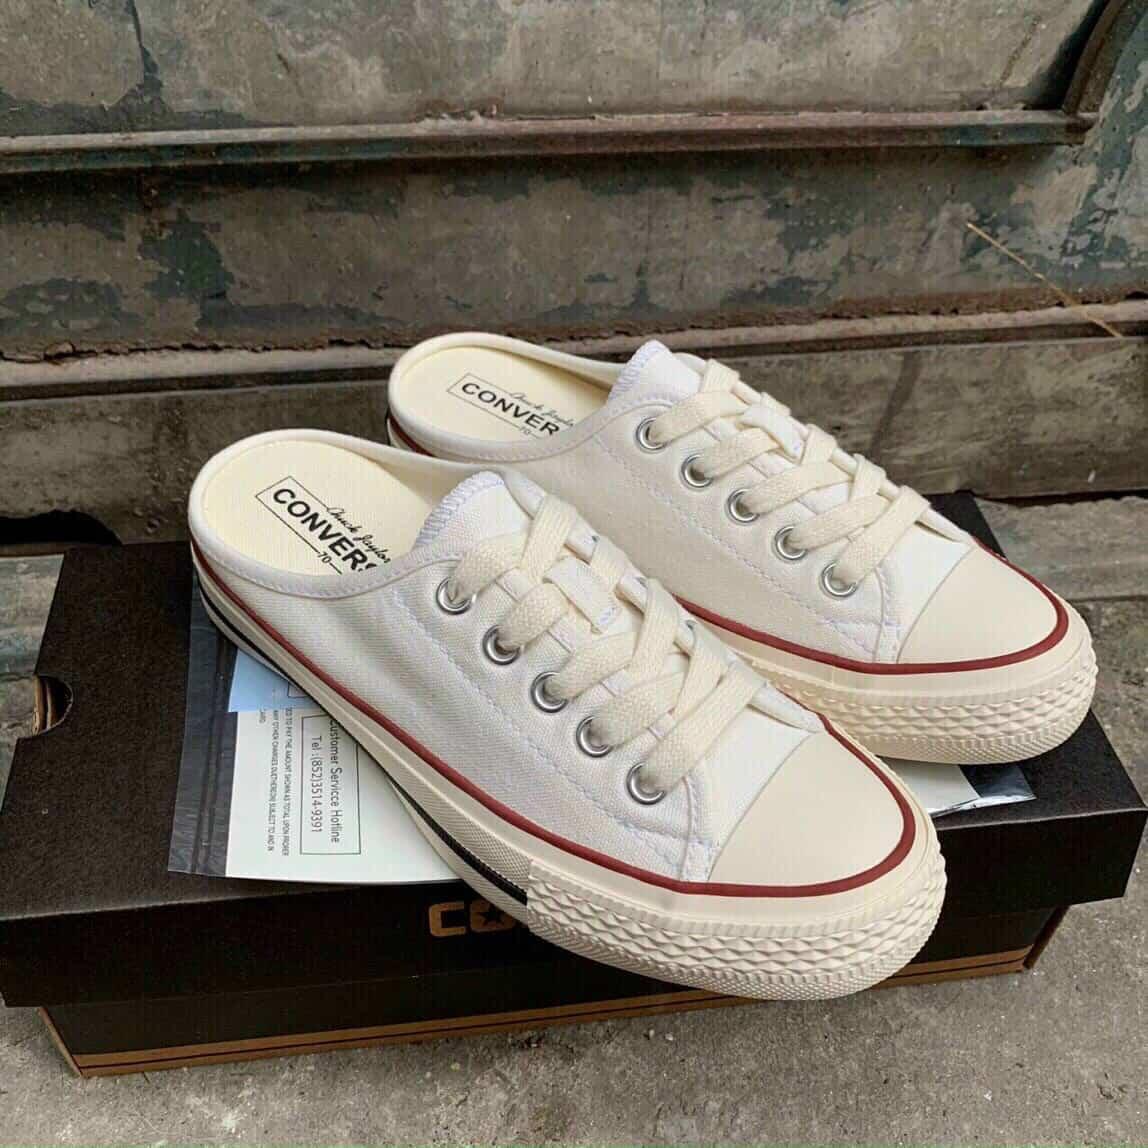 Giày sục Converse Kem rep 1:1 có màu sáng bắt mắt